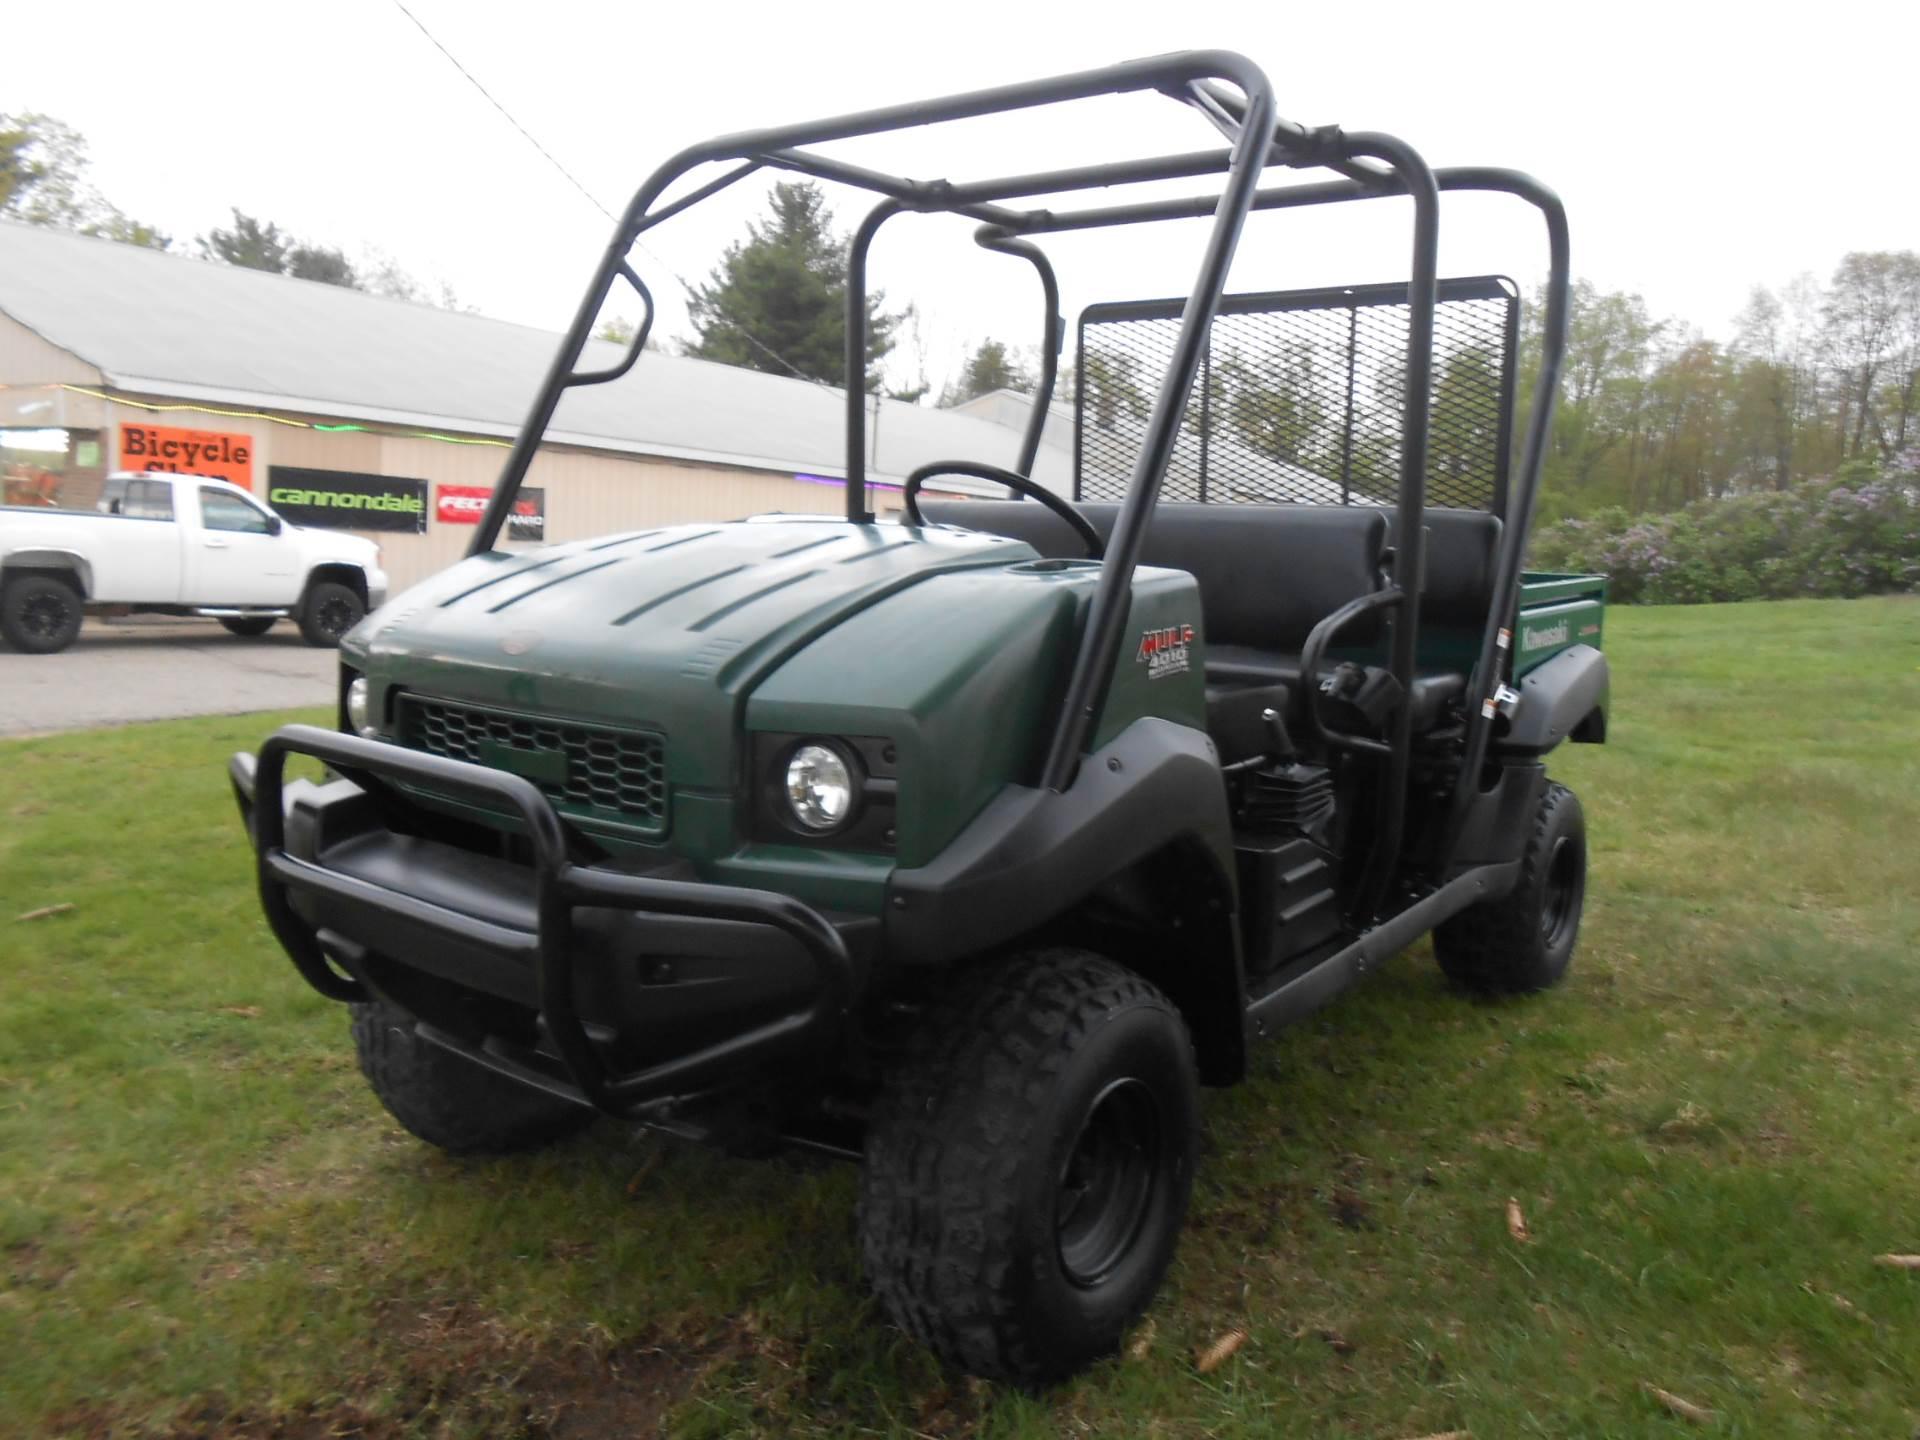 2012 Mule 4010 Trans4x4 Diesel